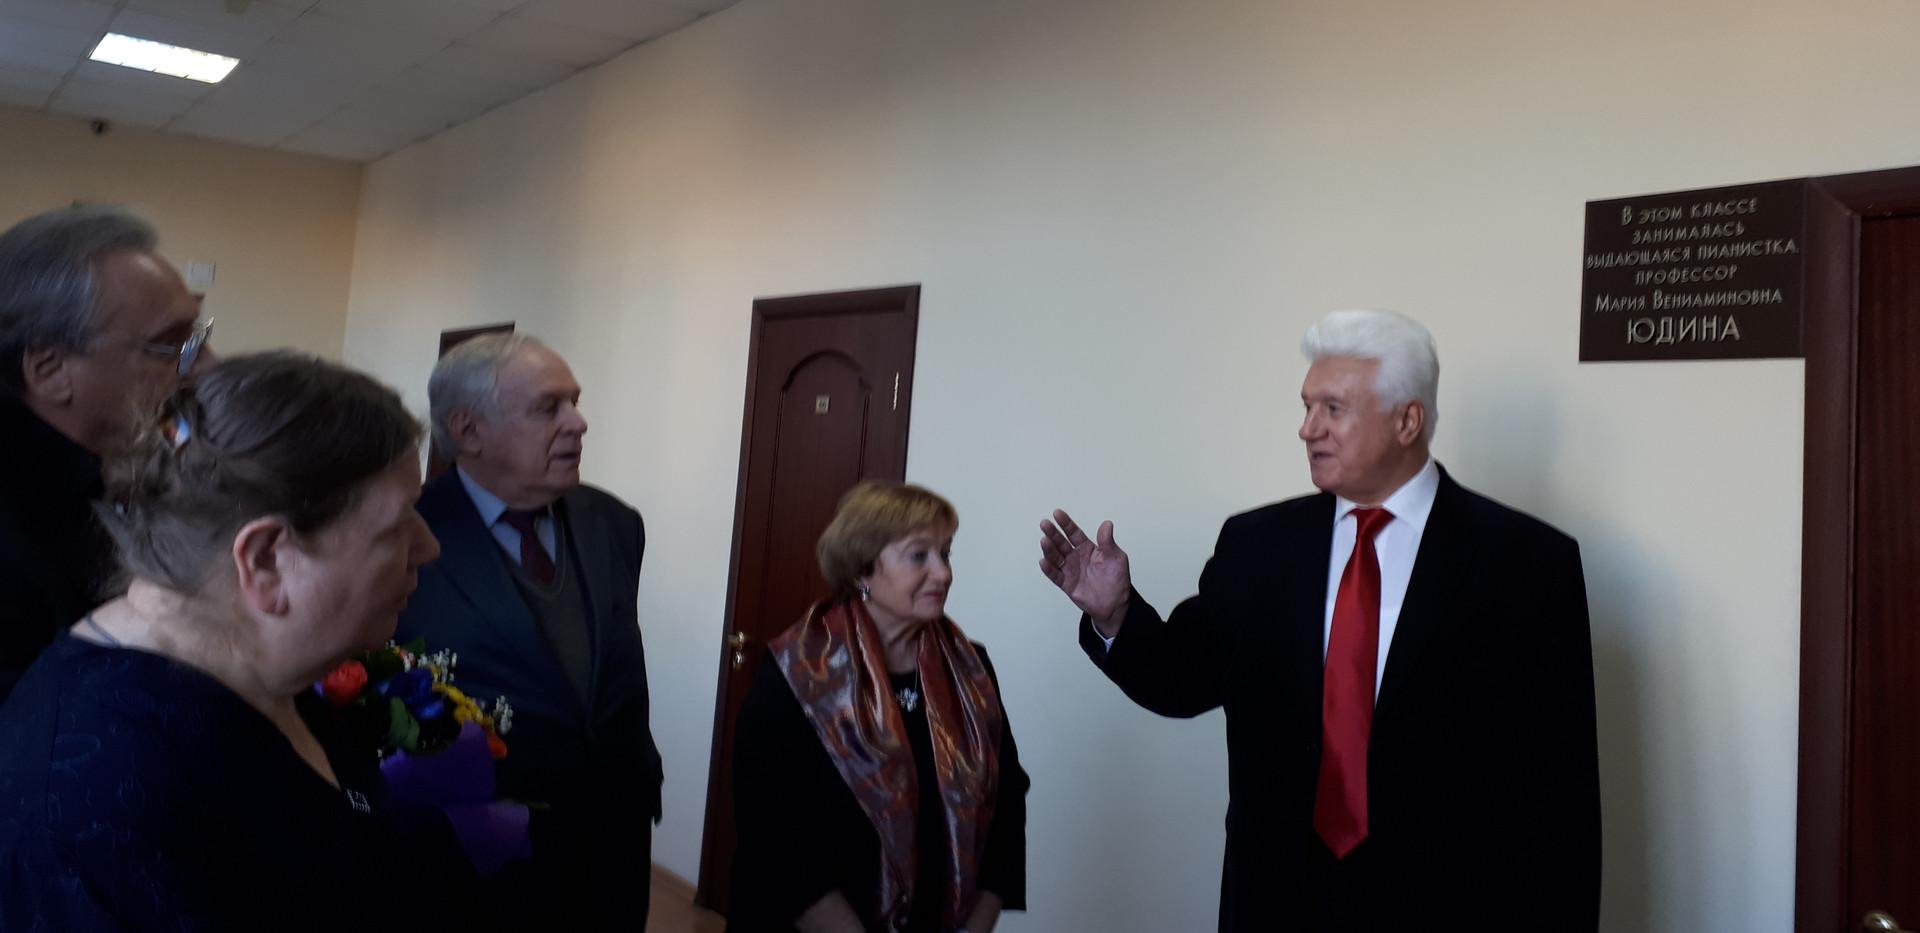 Б.С.Ворон, заведующий кафедрой оркестрового дирижирования